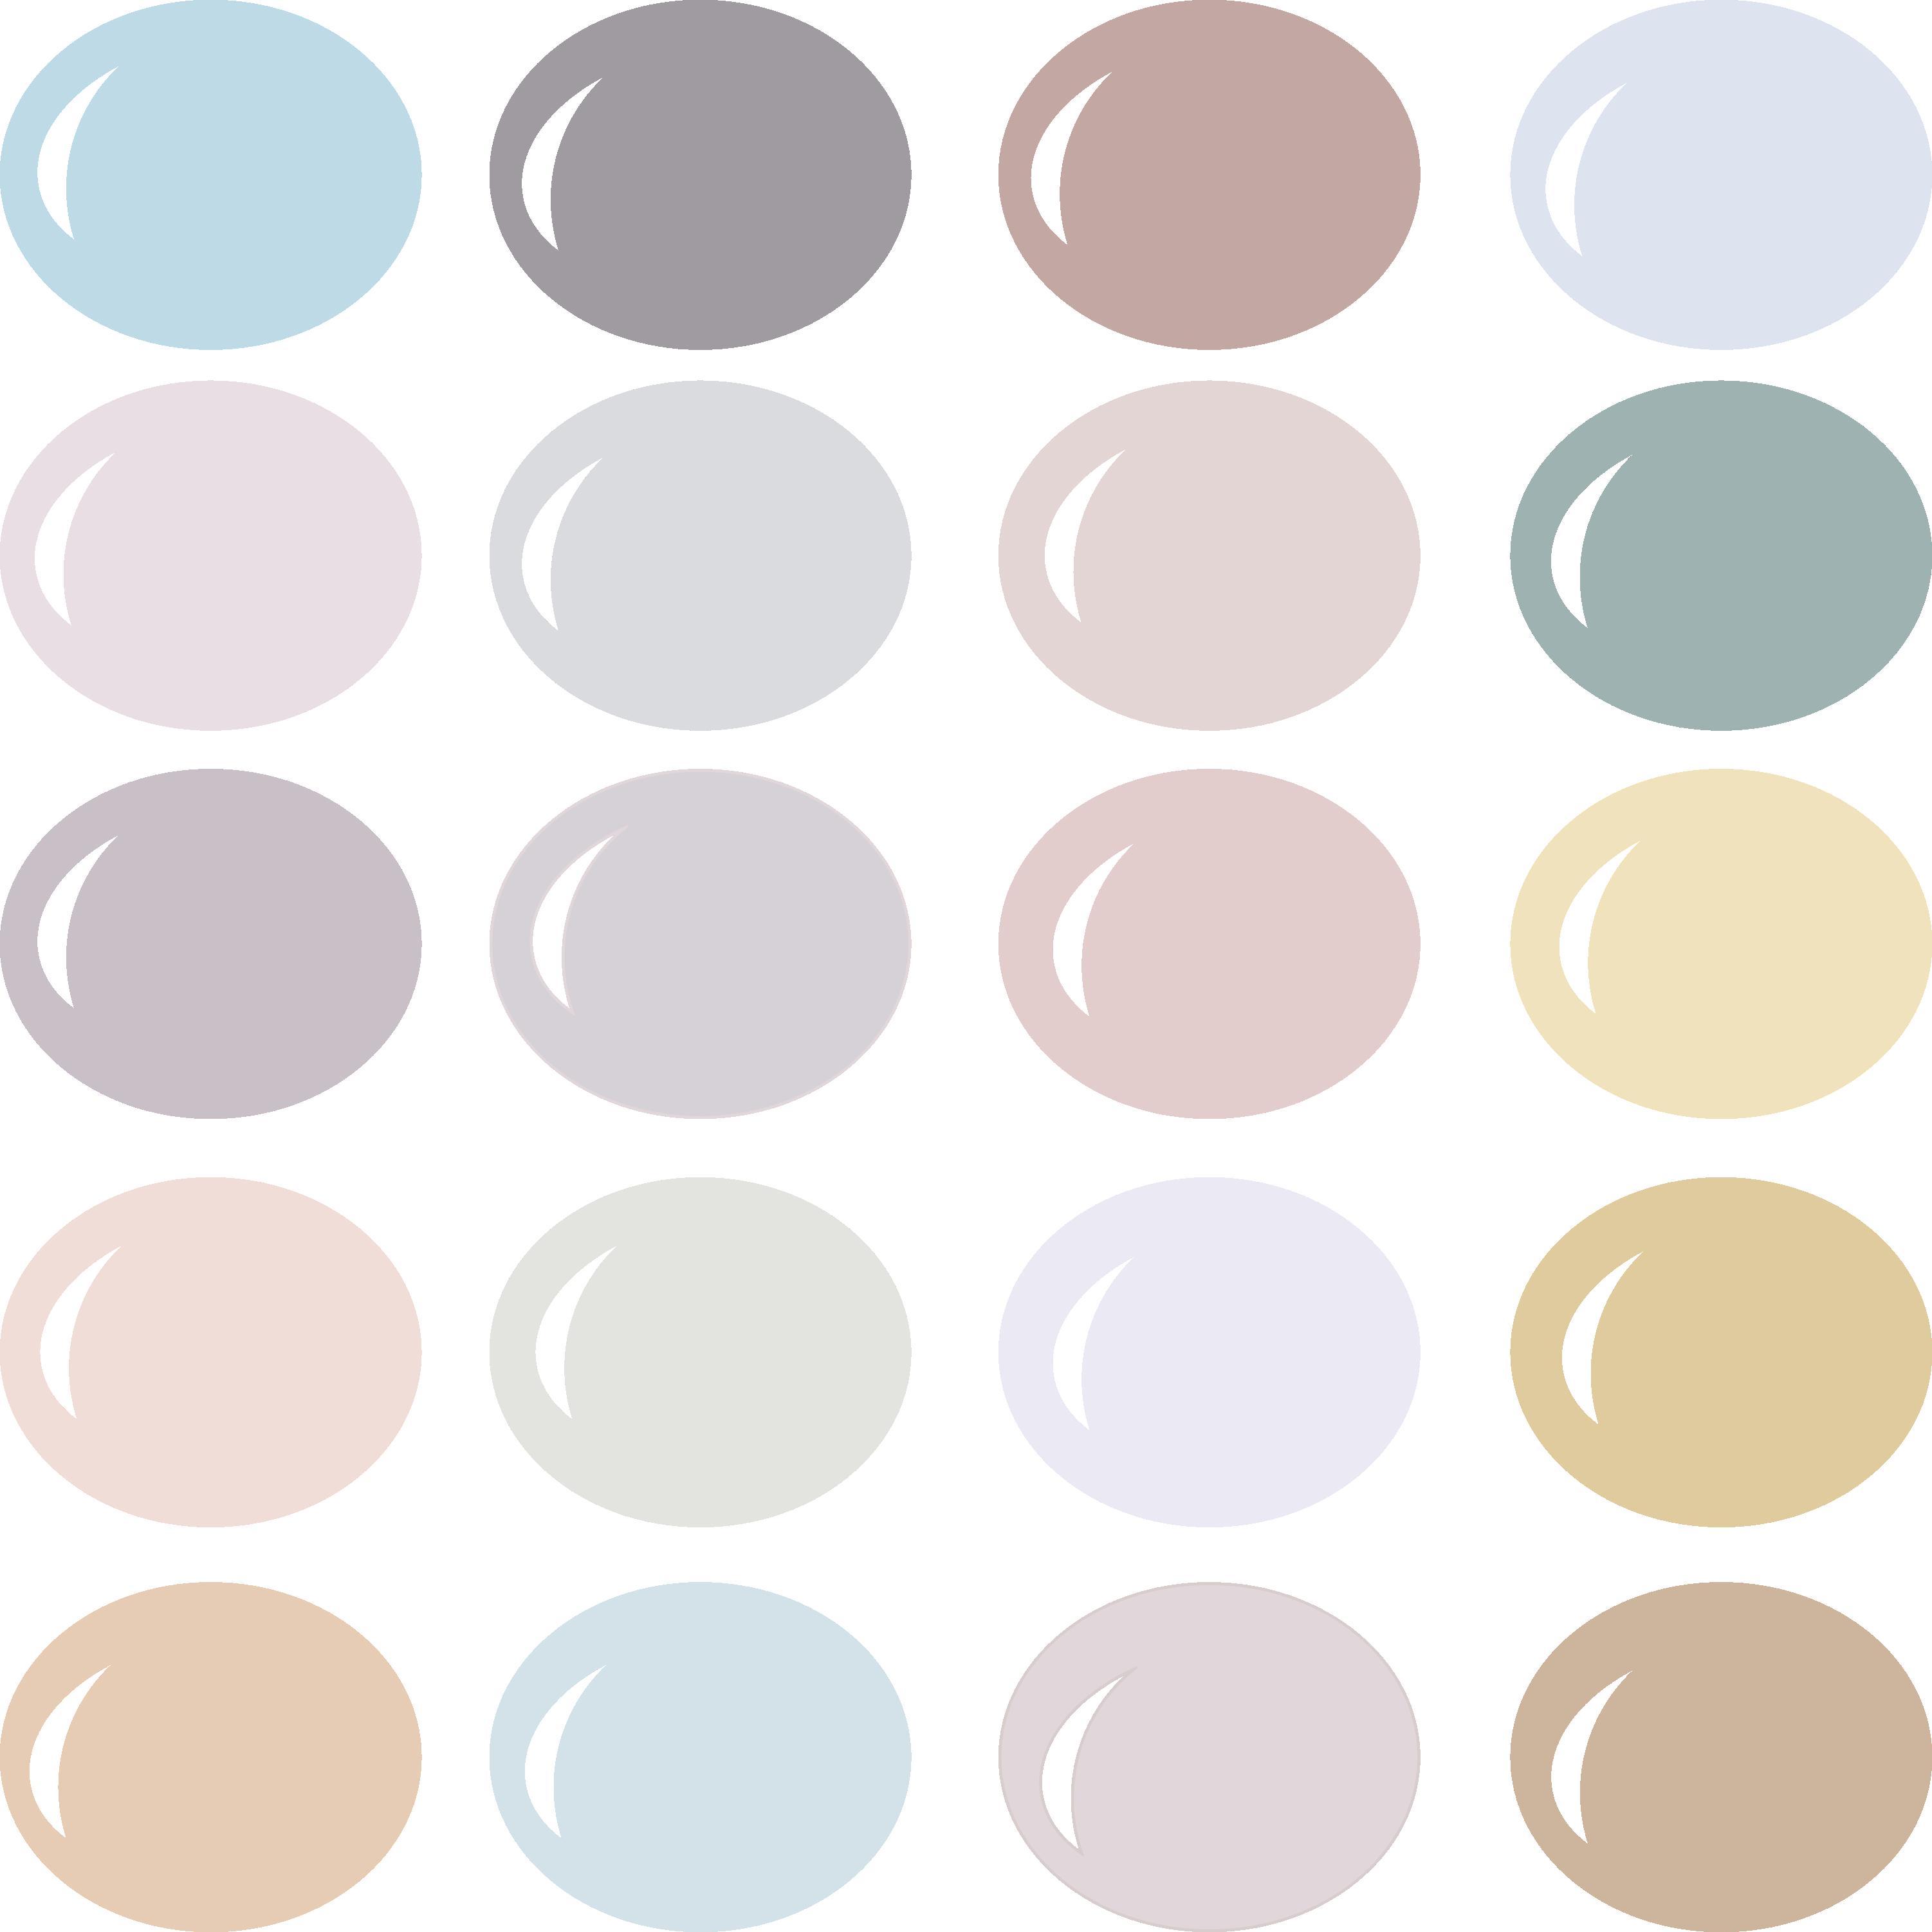 InVue Color Palette: I Do